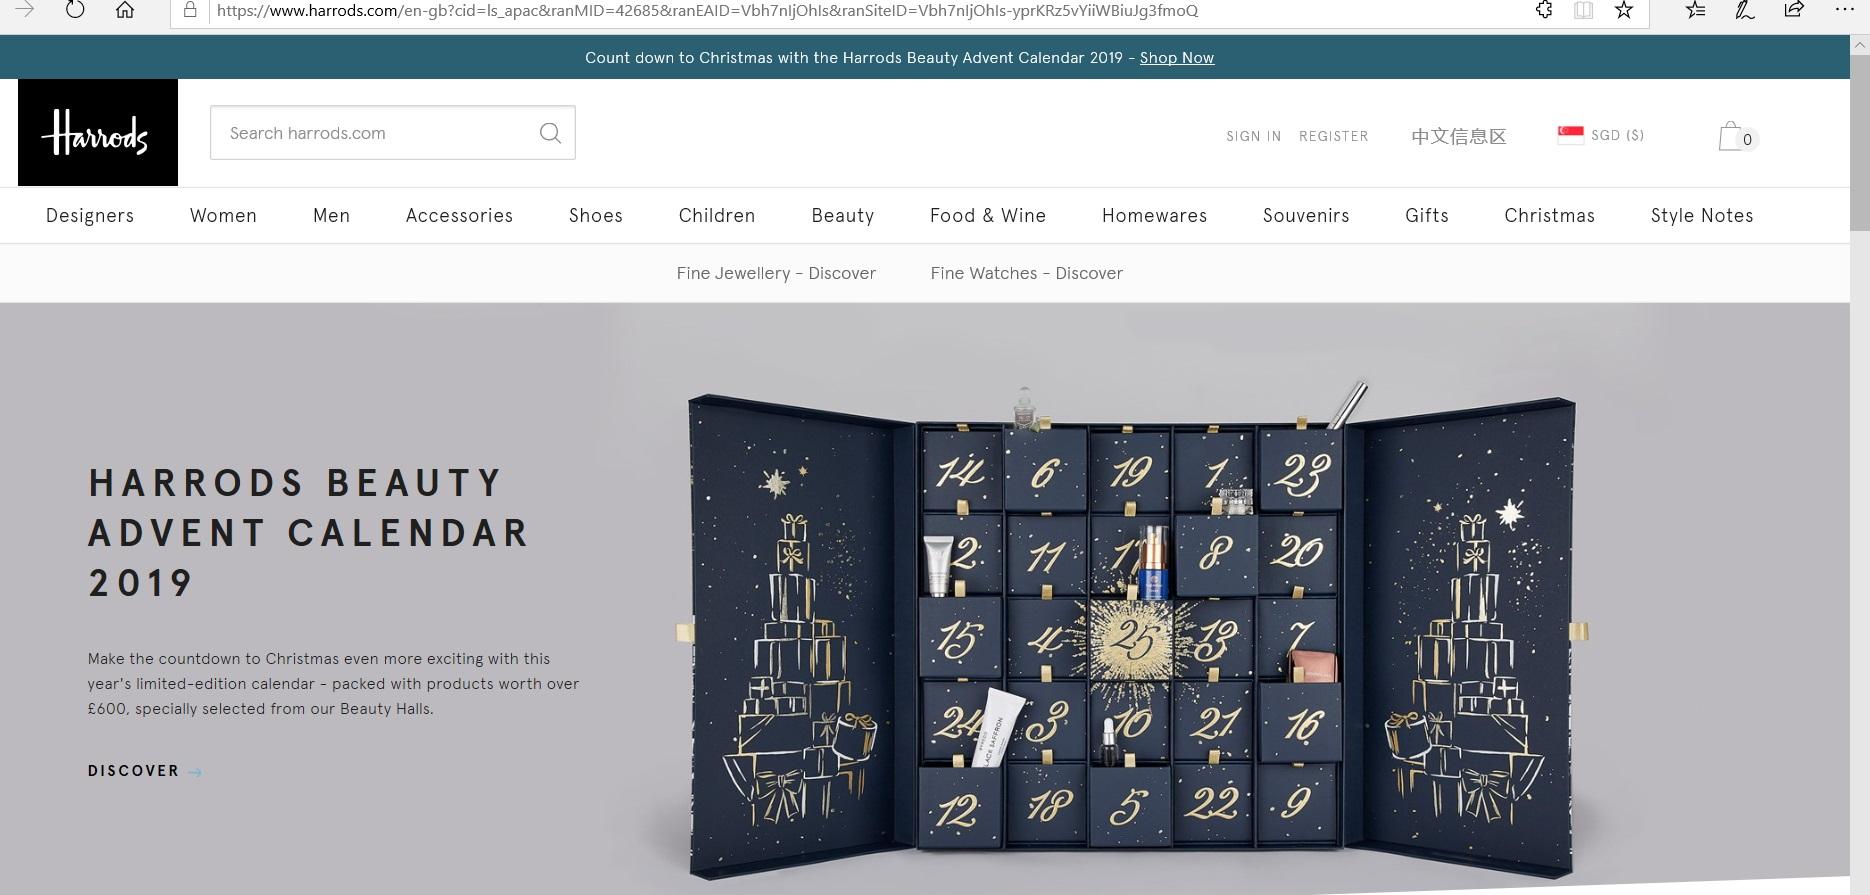 Harrods website homepage.